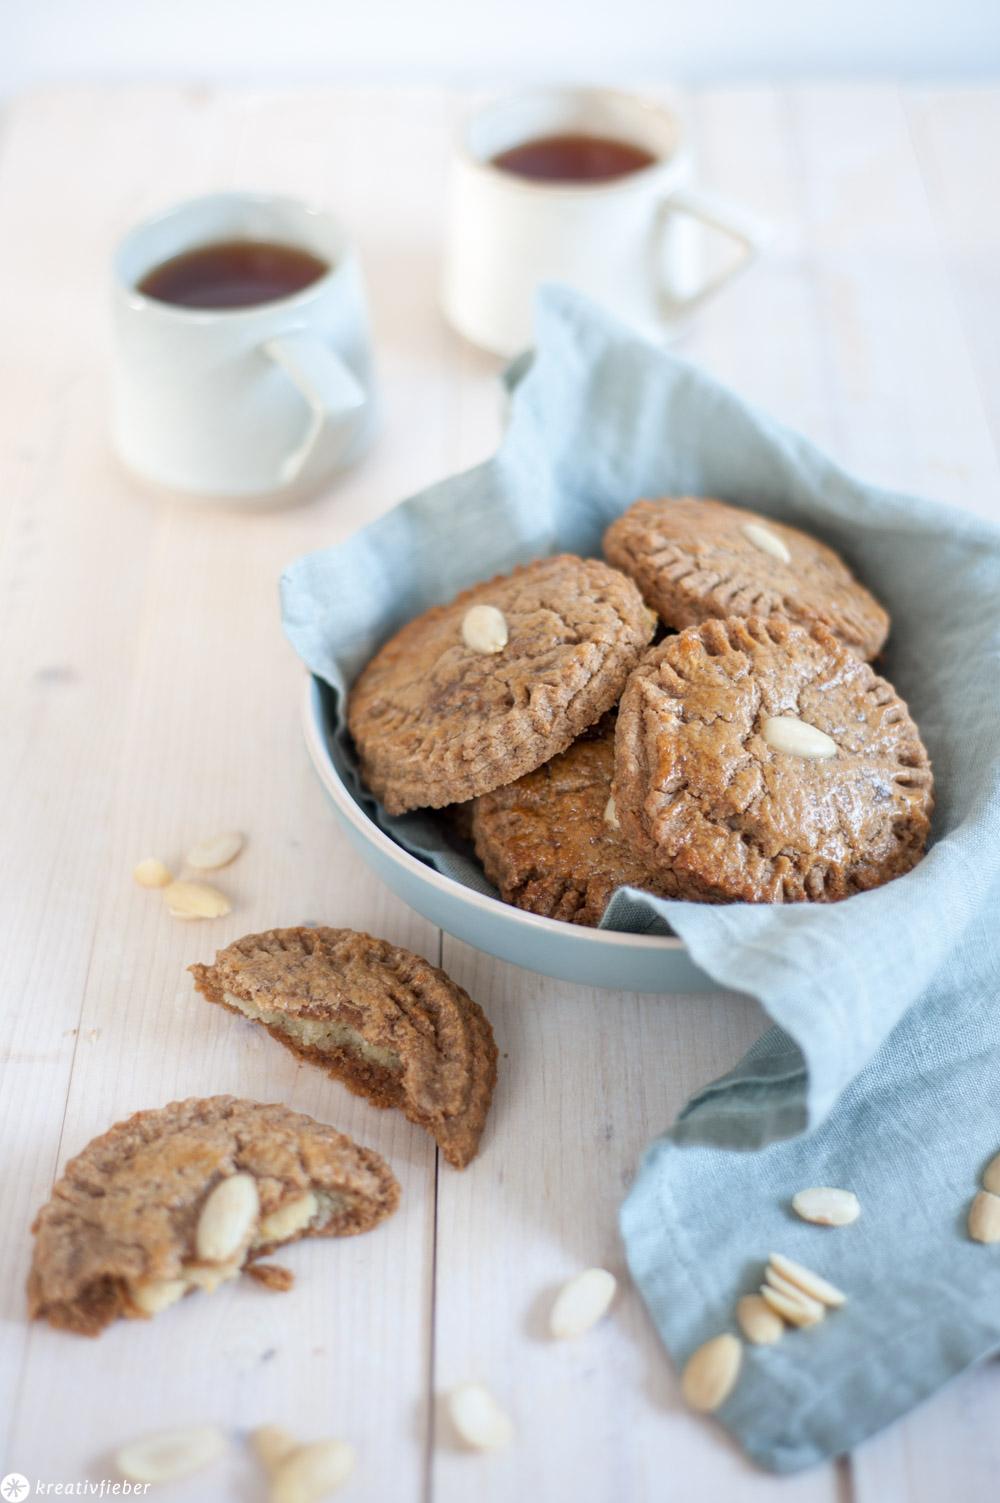 Rezepte aus den Niederlanden Gefüllte Kekse Küchlein gevulde koeken